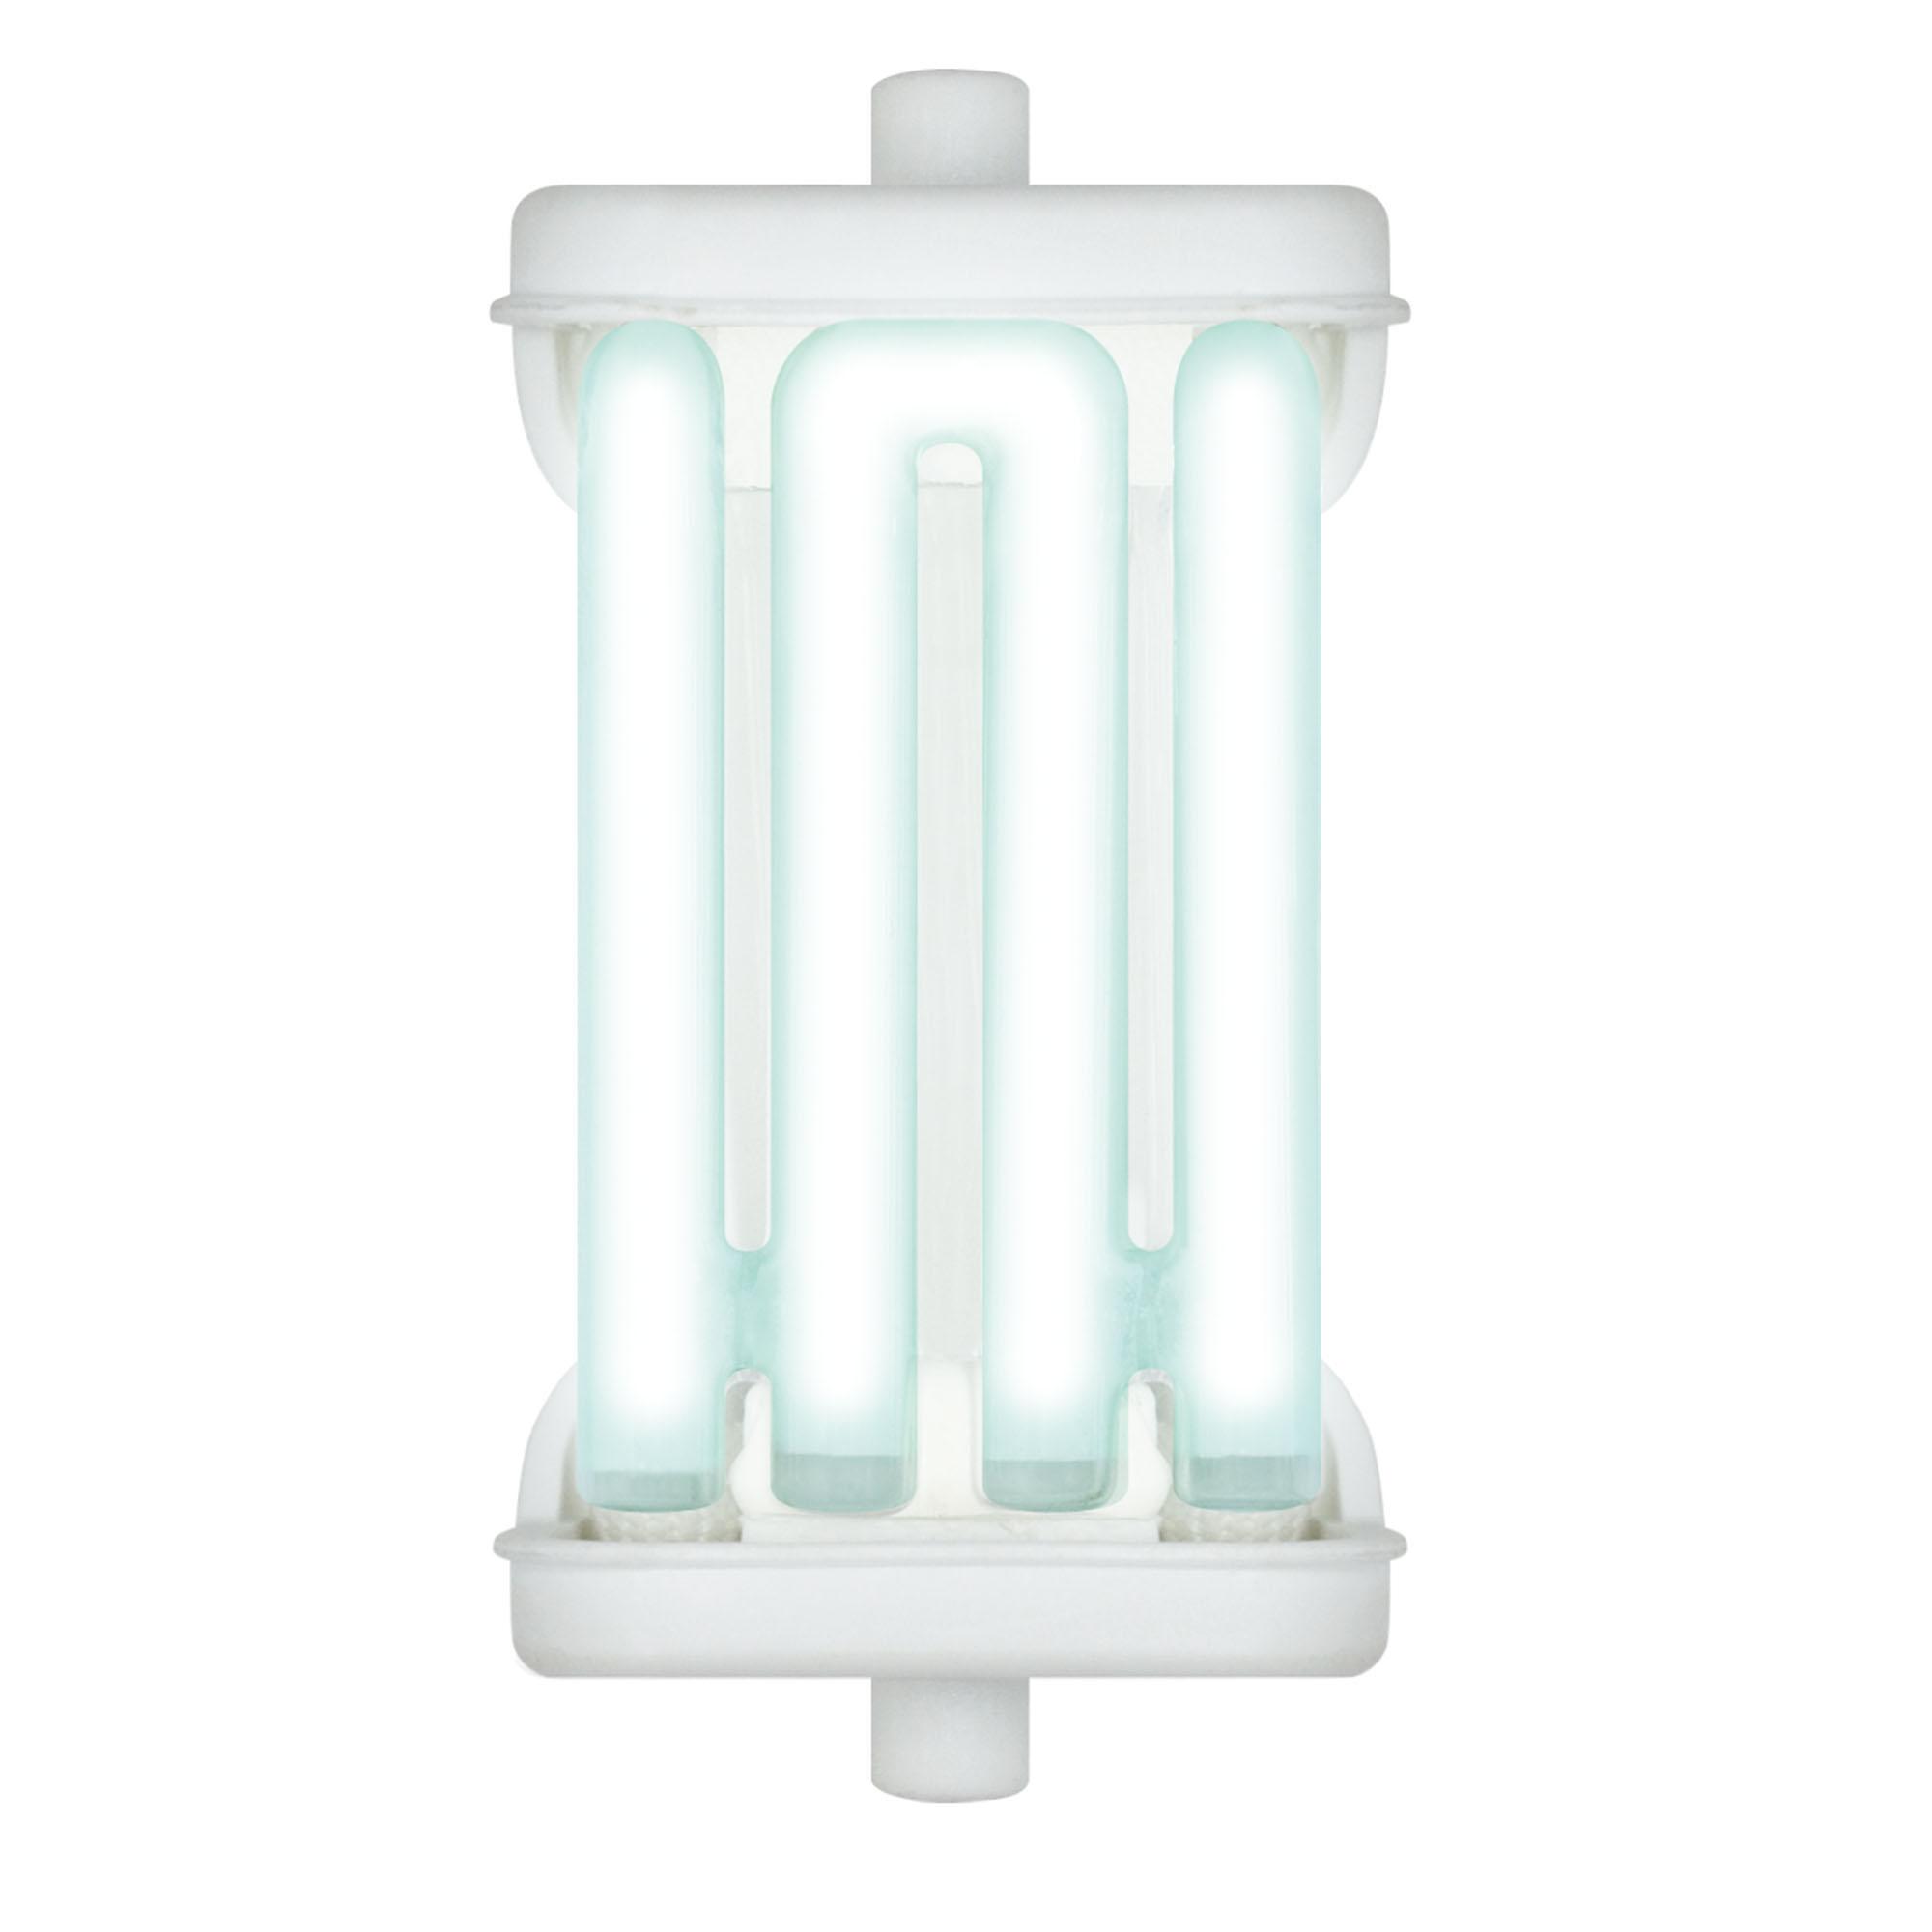 Лампа энергосберегающая Uniel Esl-322-10/4000/r7s 50шт